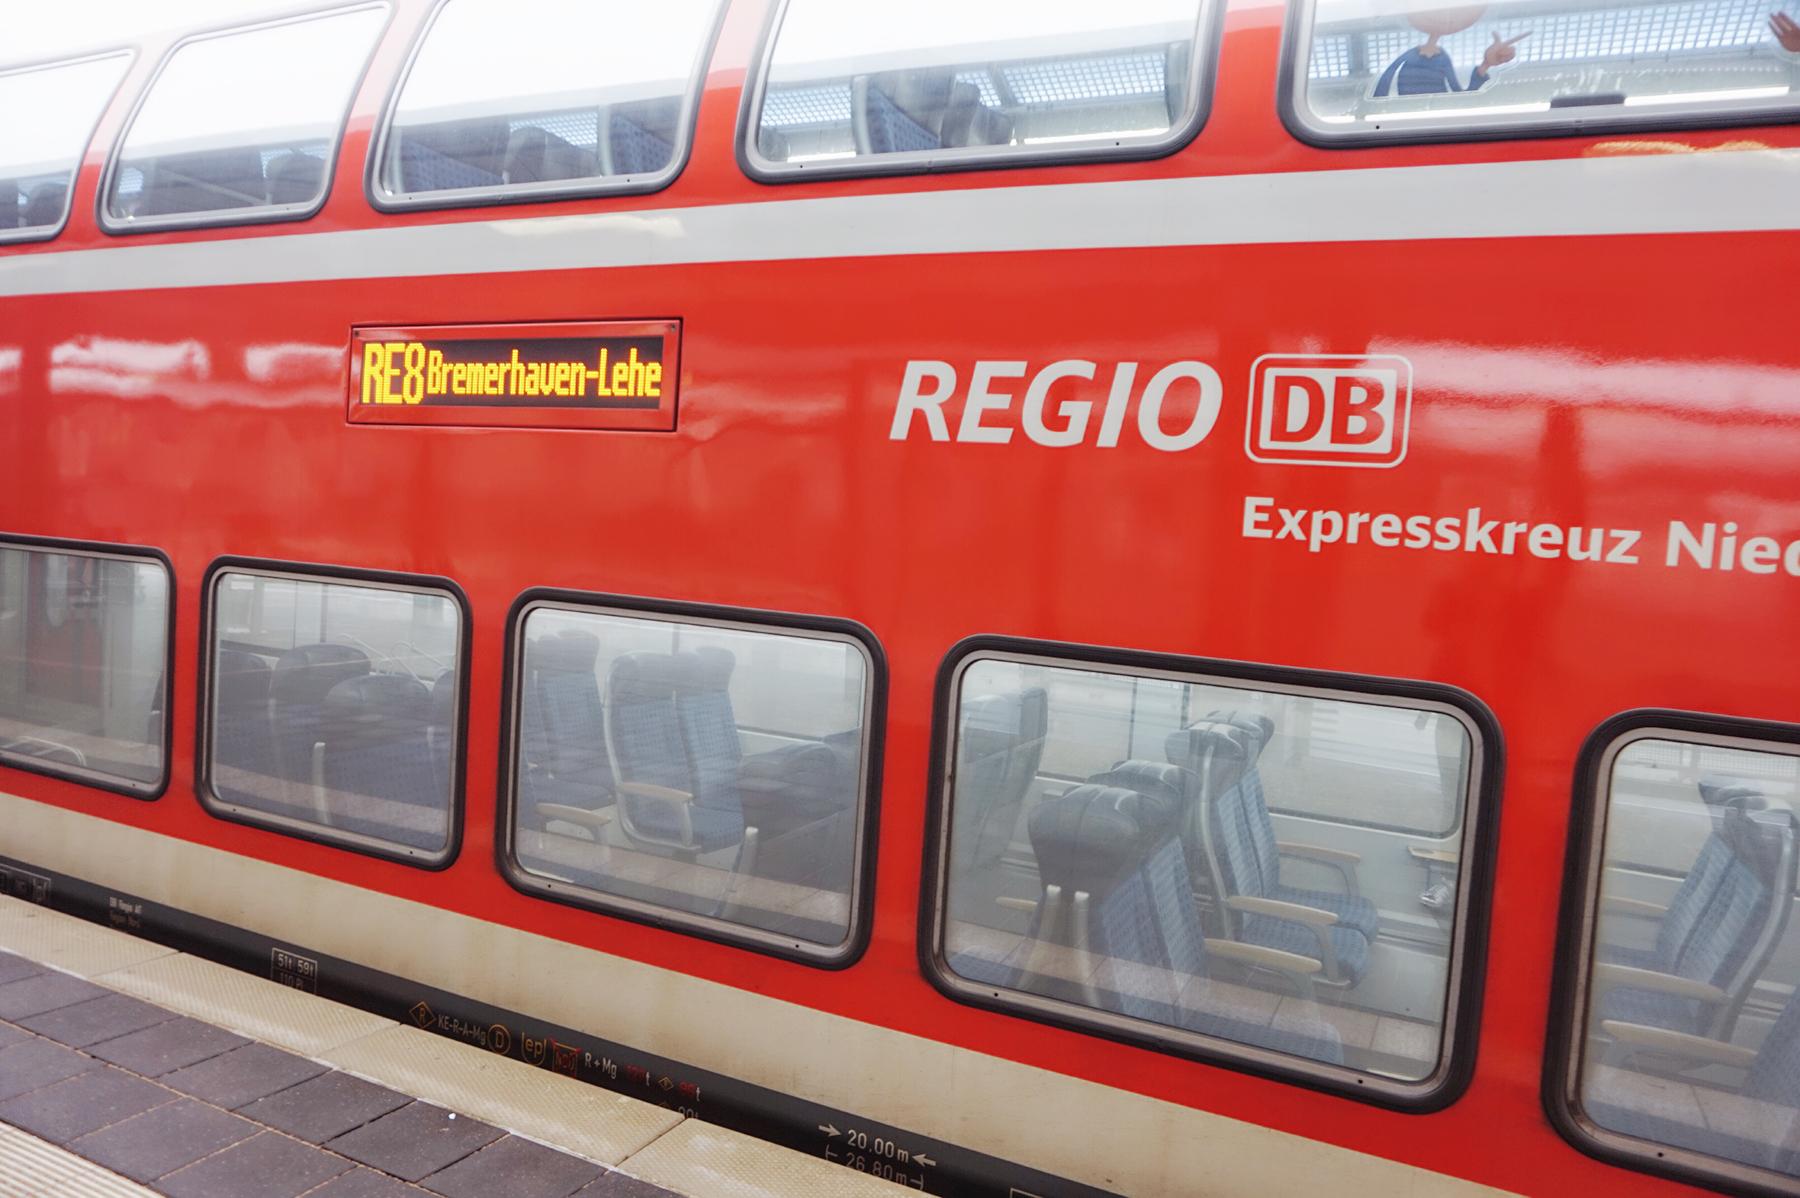 its_goldie_reisetipps_bremerhaven_deutsche_bahn_niedersachsenticket_hannover_blogger_modeblogger_Travelguide_reisen_travelblogger